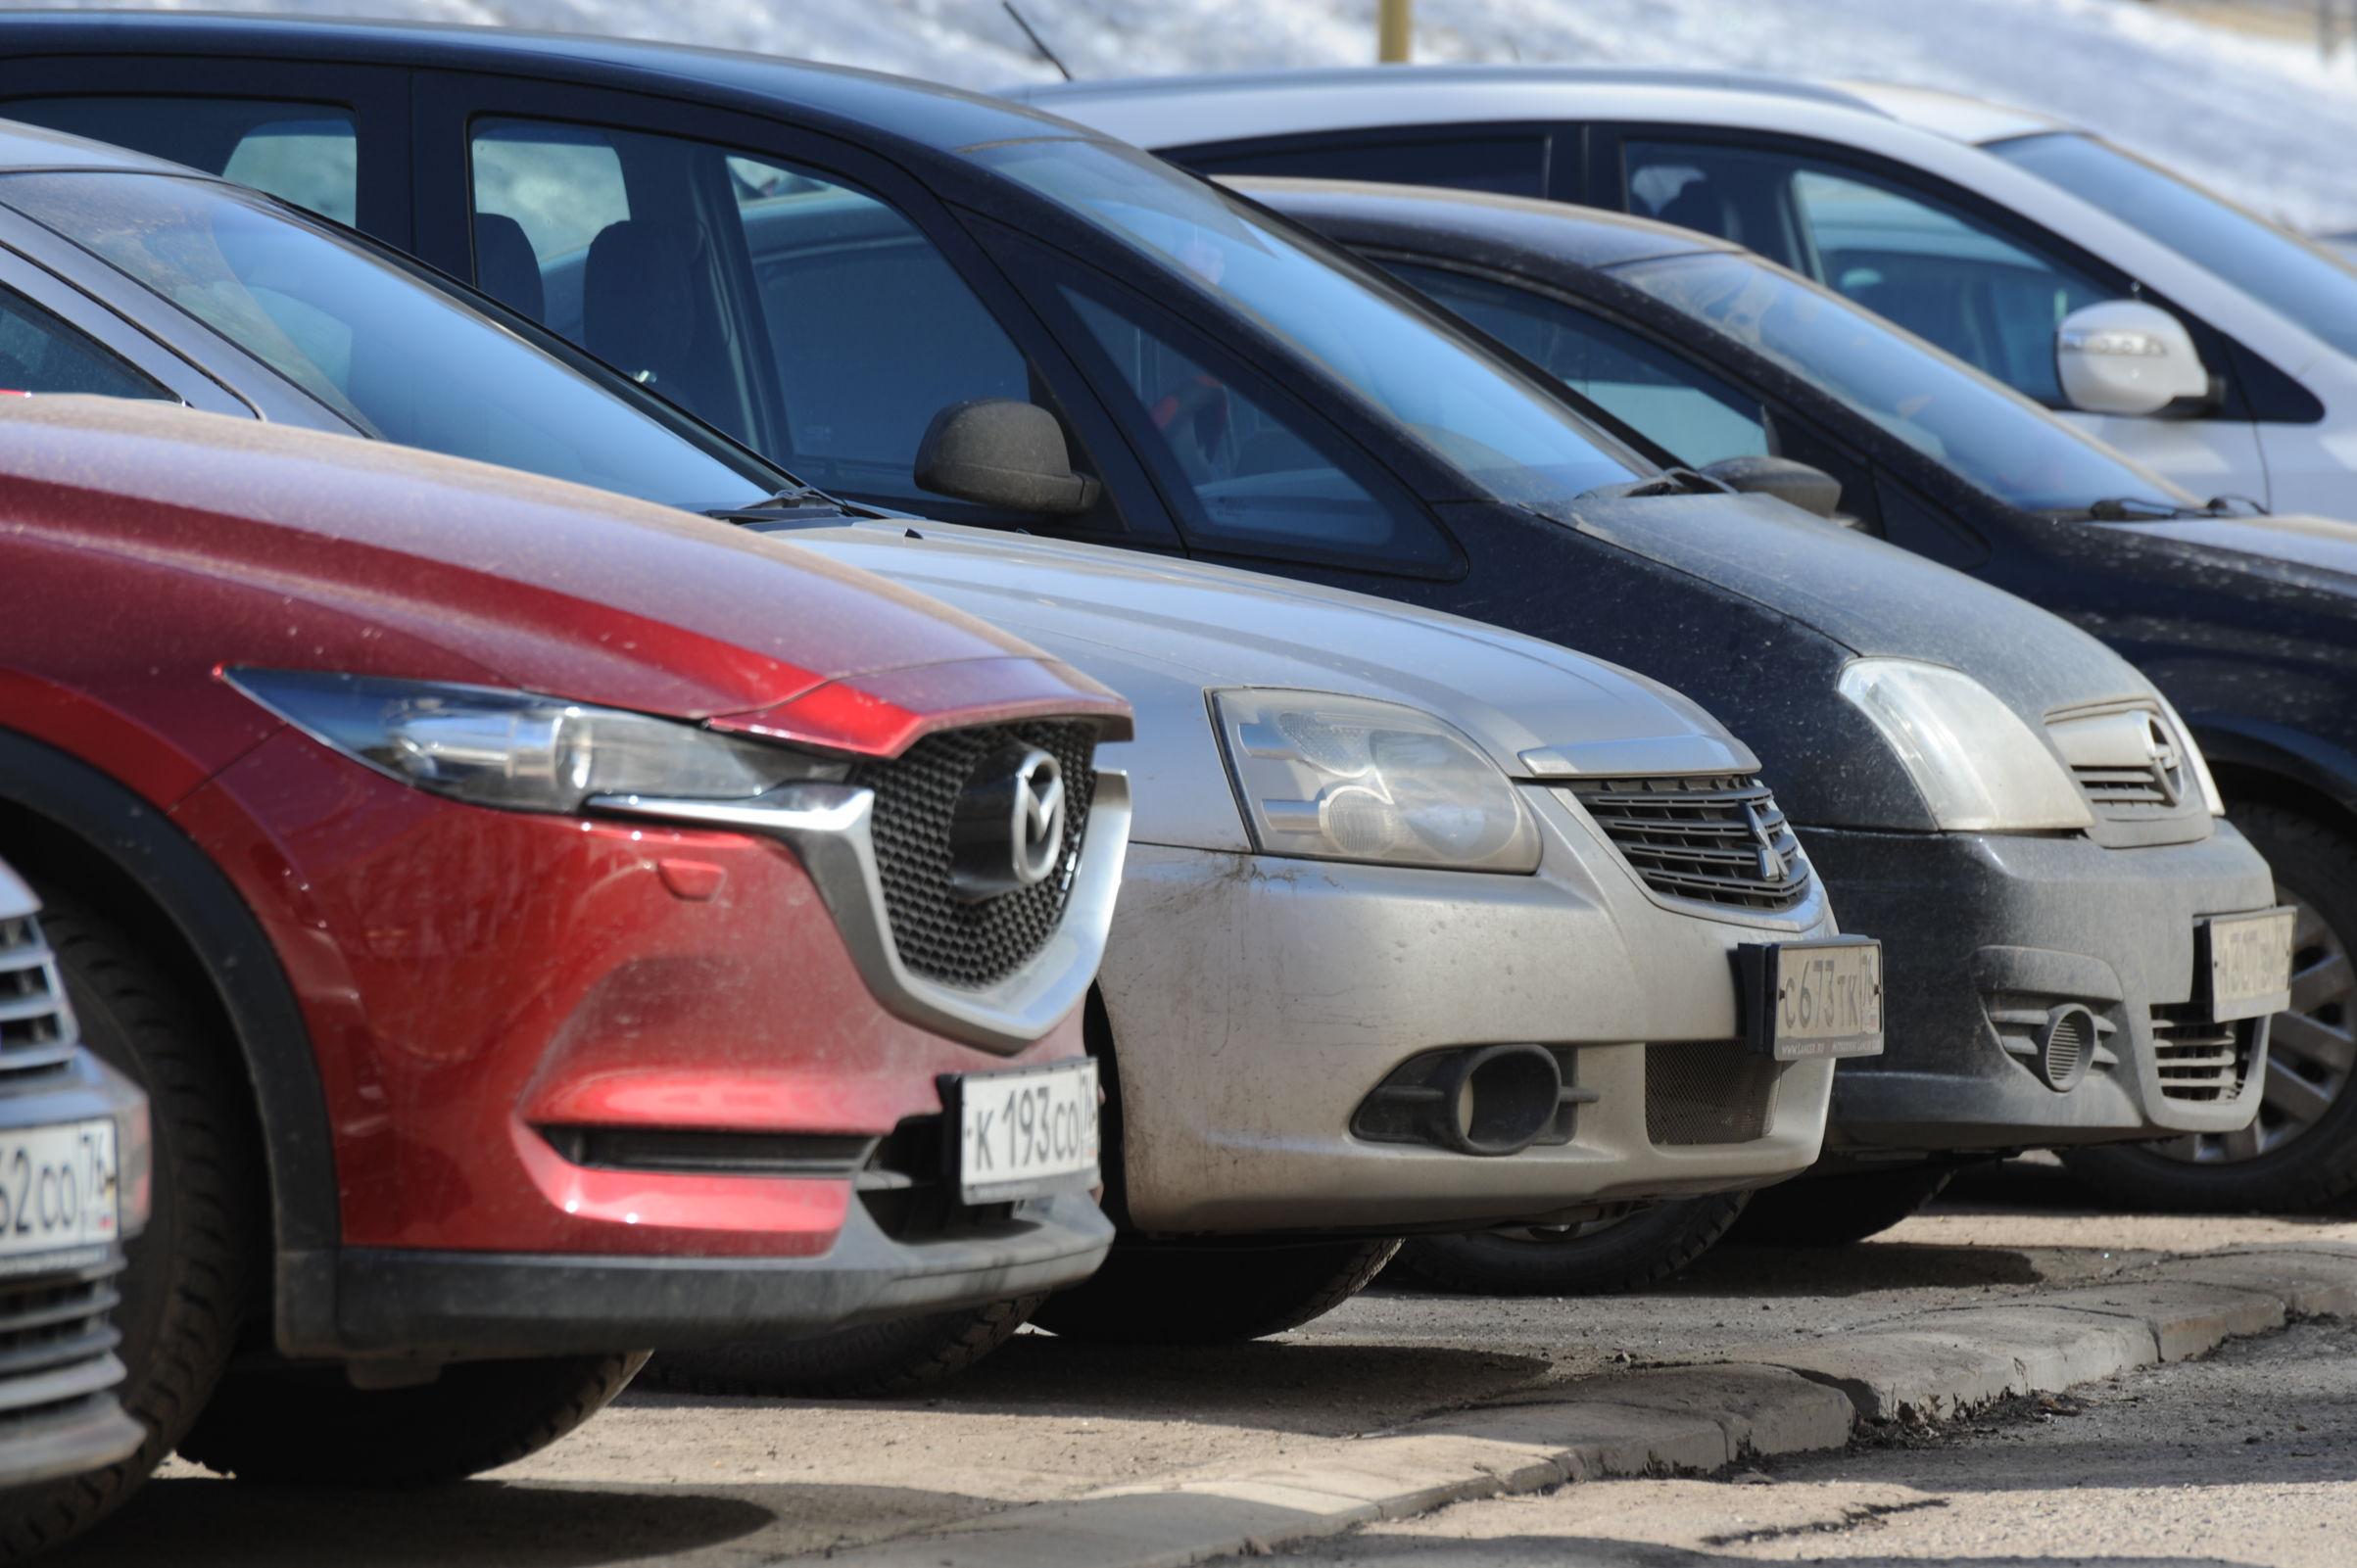 В Ярославле вынесли приговор двум братьям, продавшим несуществующие автомобили на 13 млн. рублей